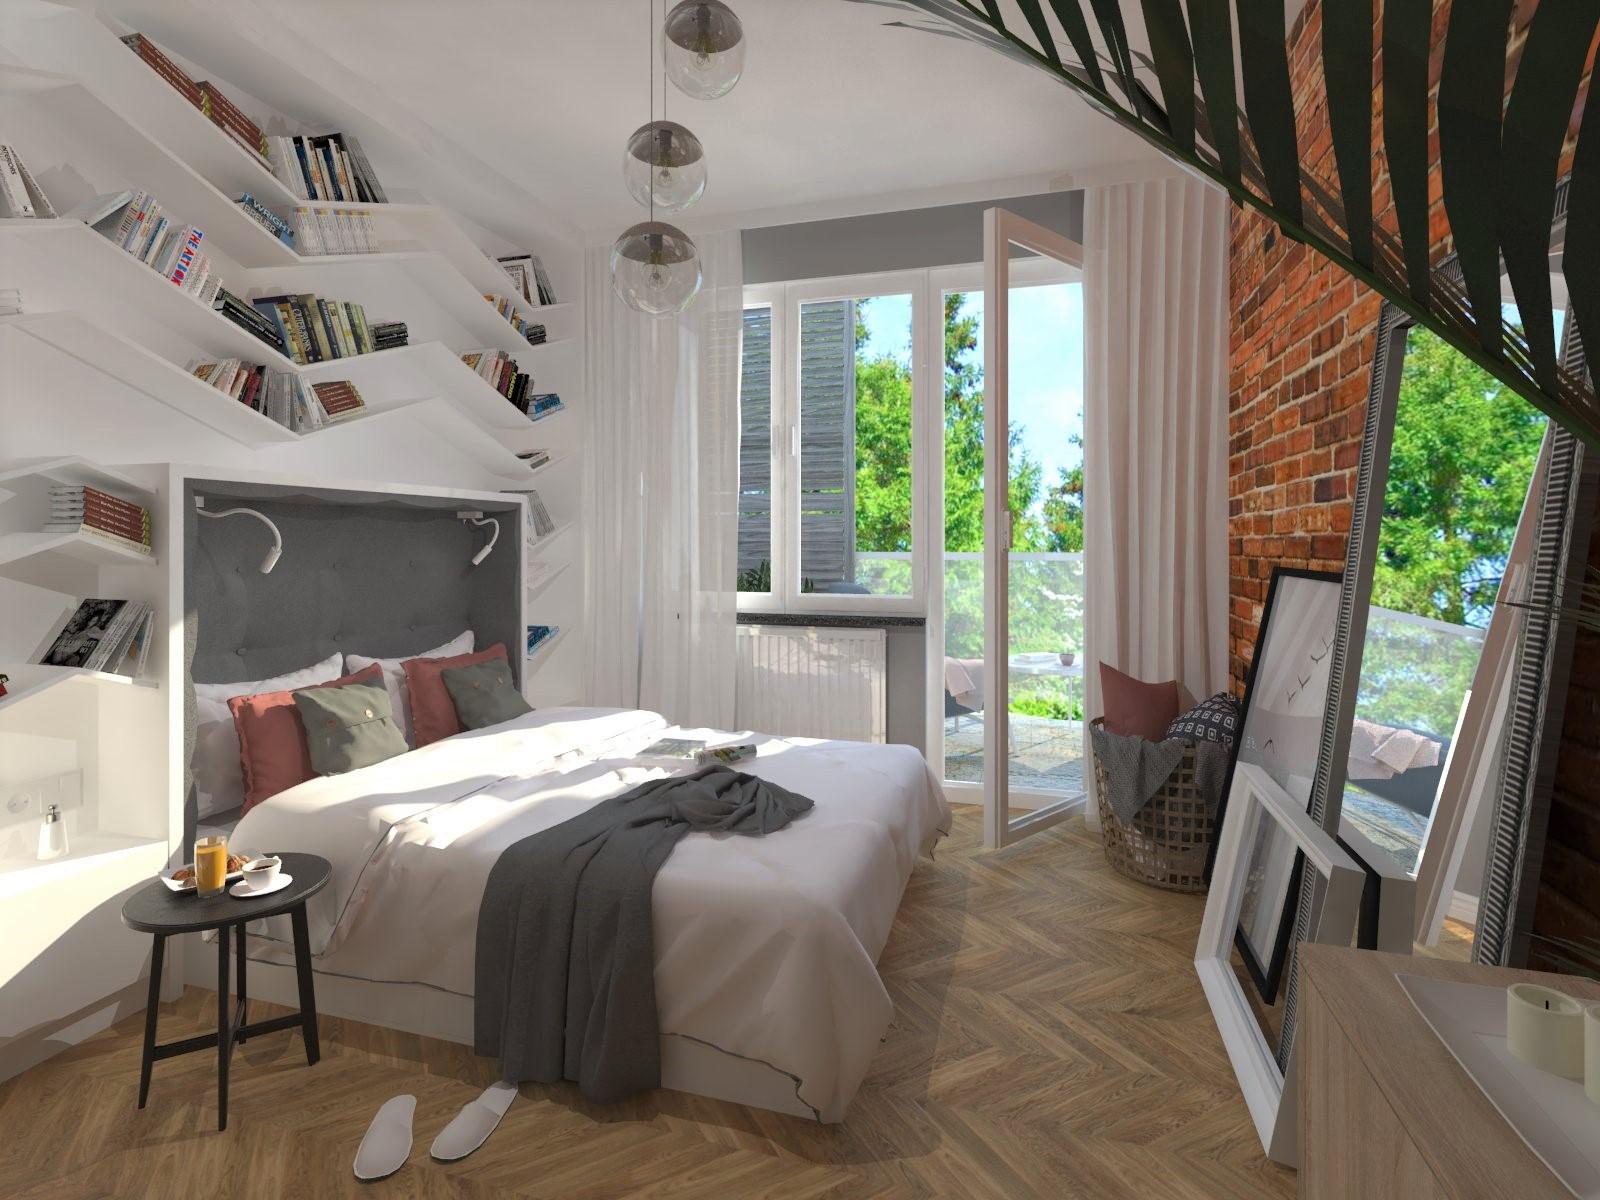 projekt sypialni Tychy, projektowanie wnętrz Tychy, architekt wnętrz Tychy